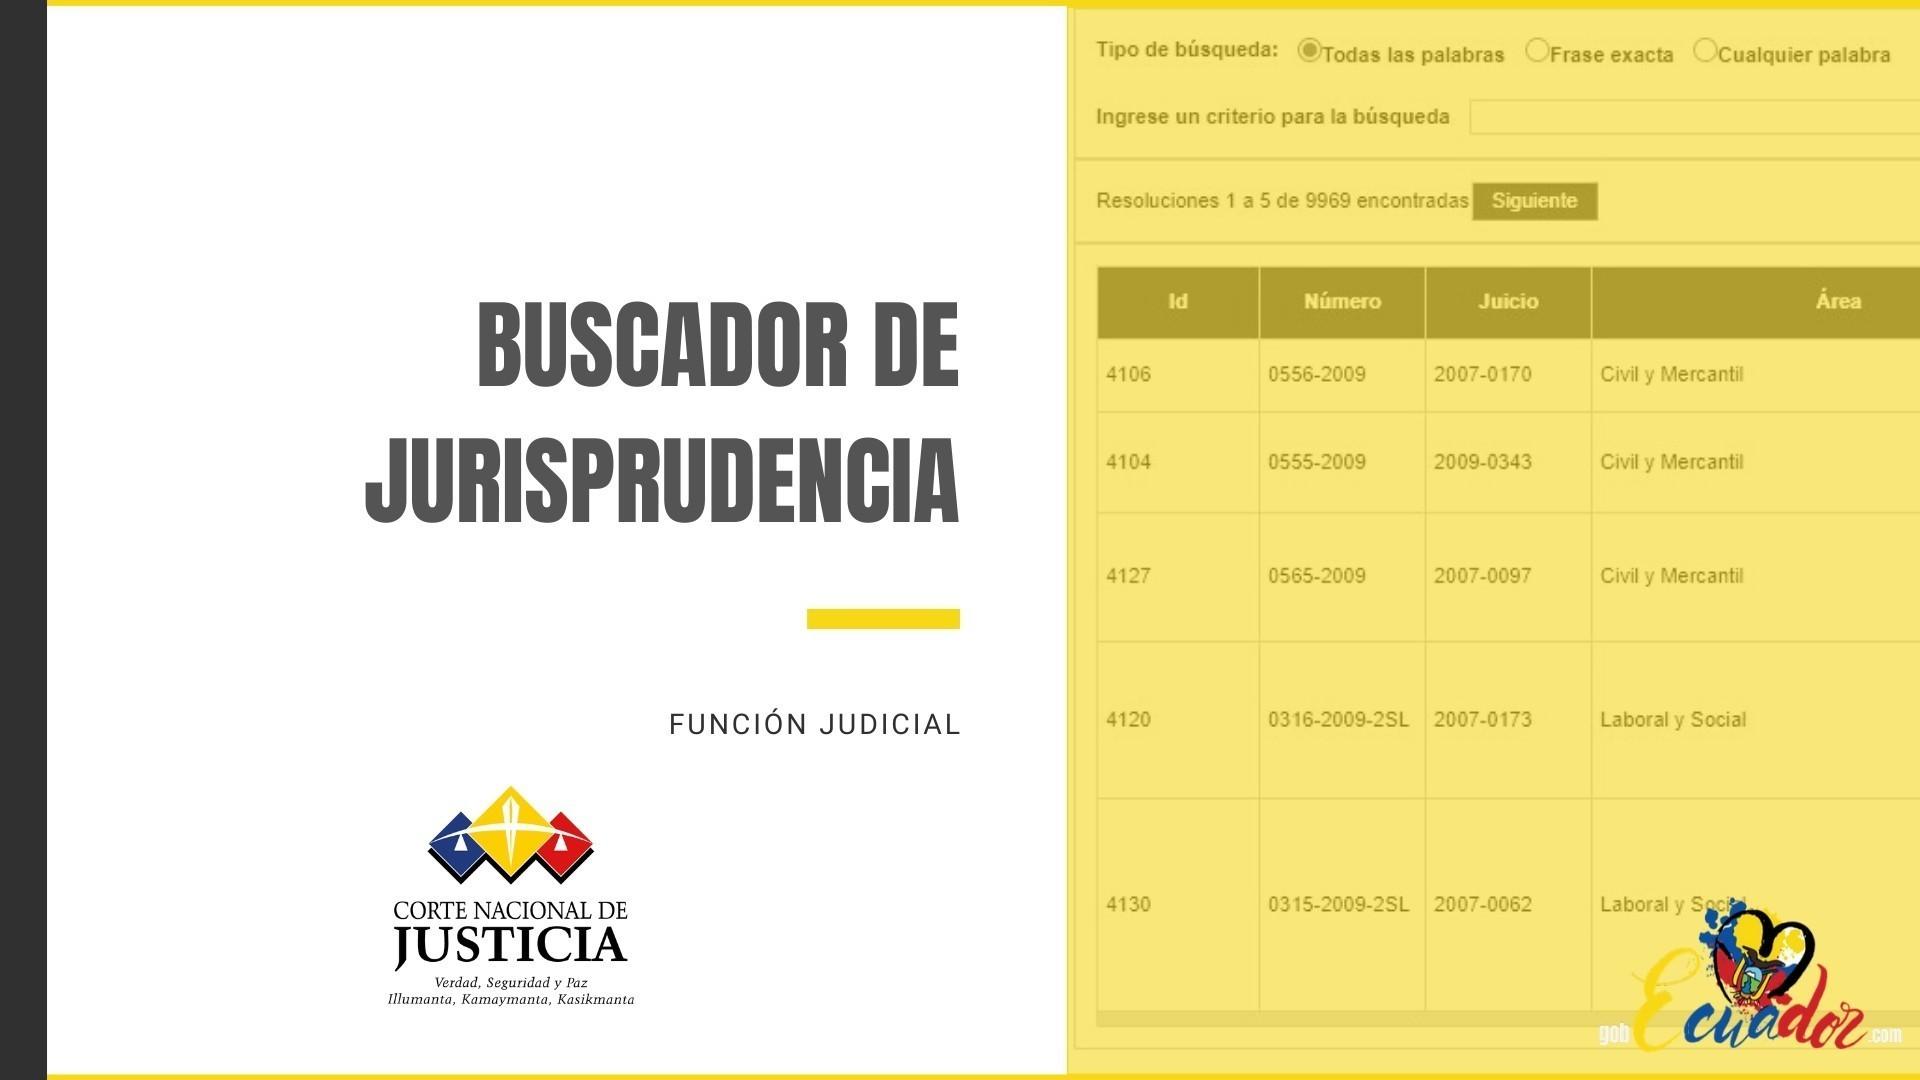 Buscador de Jurisprudencia